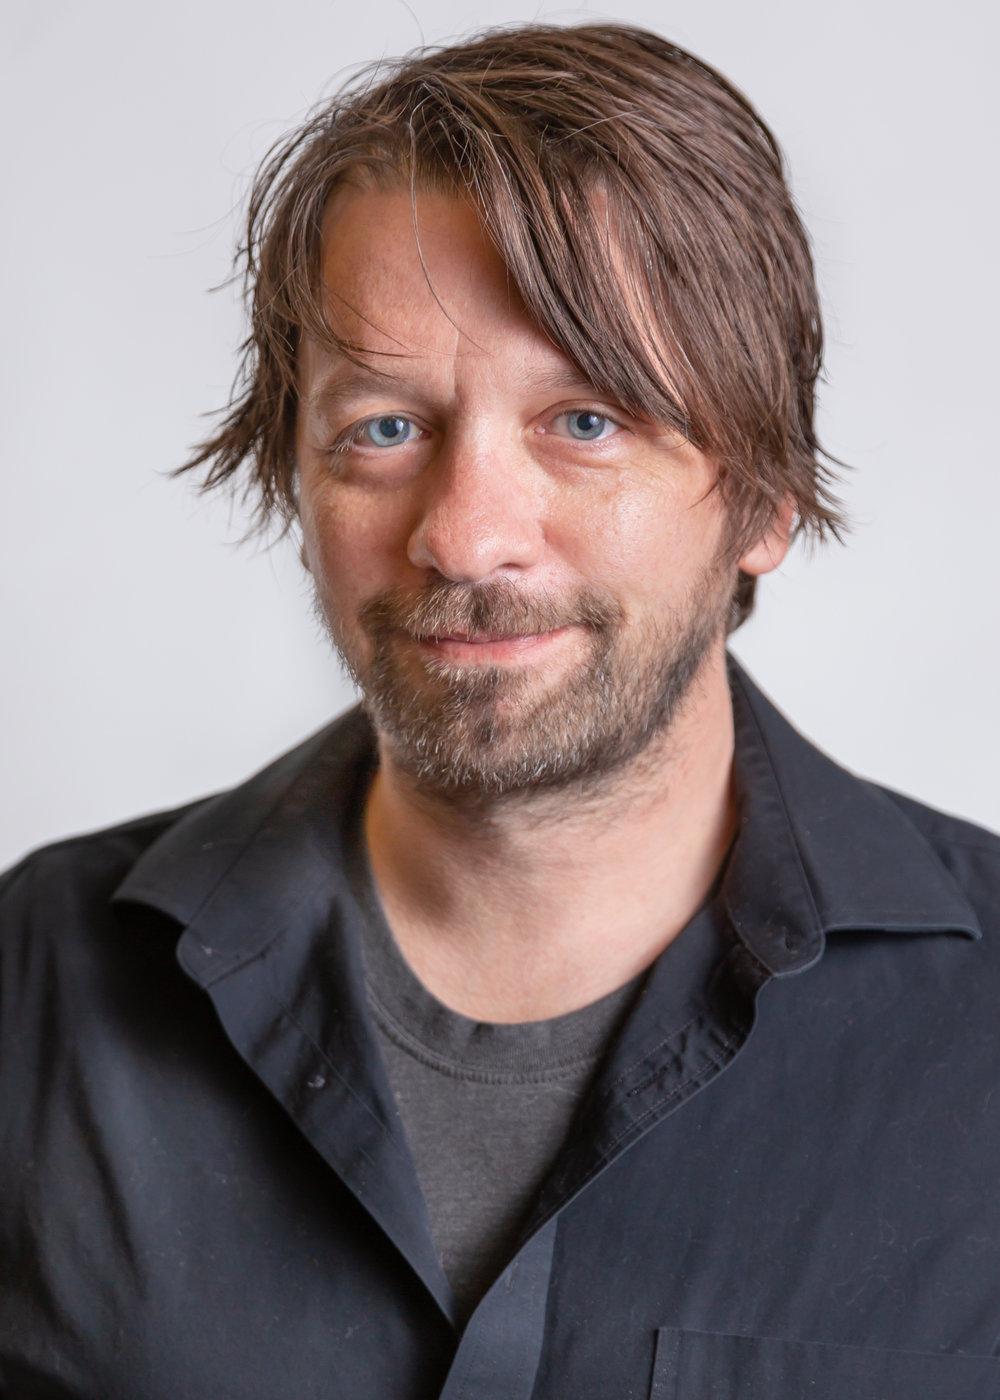 Justin Schnettler | VTR I On staff since 2011